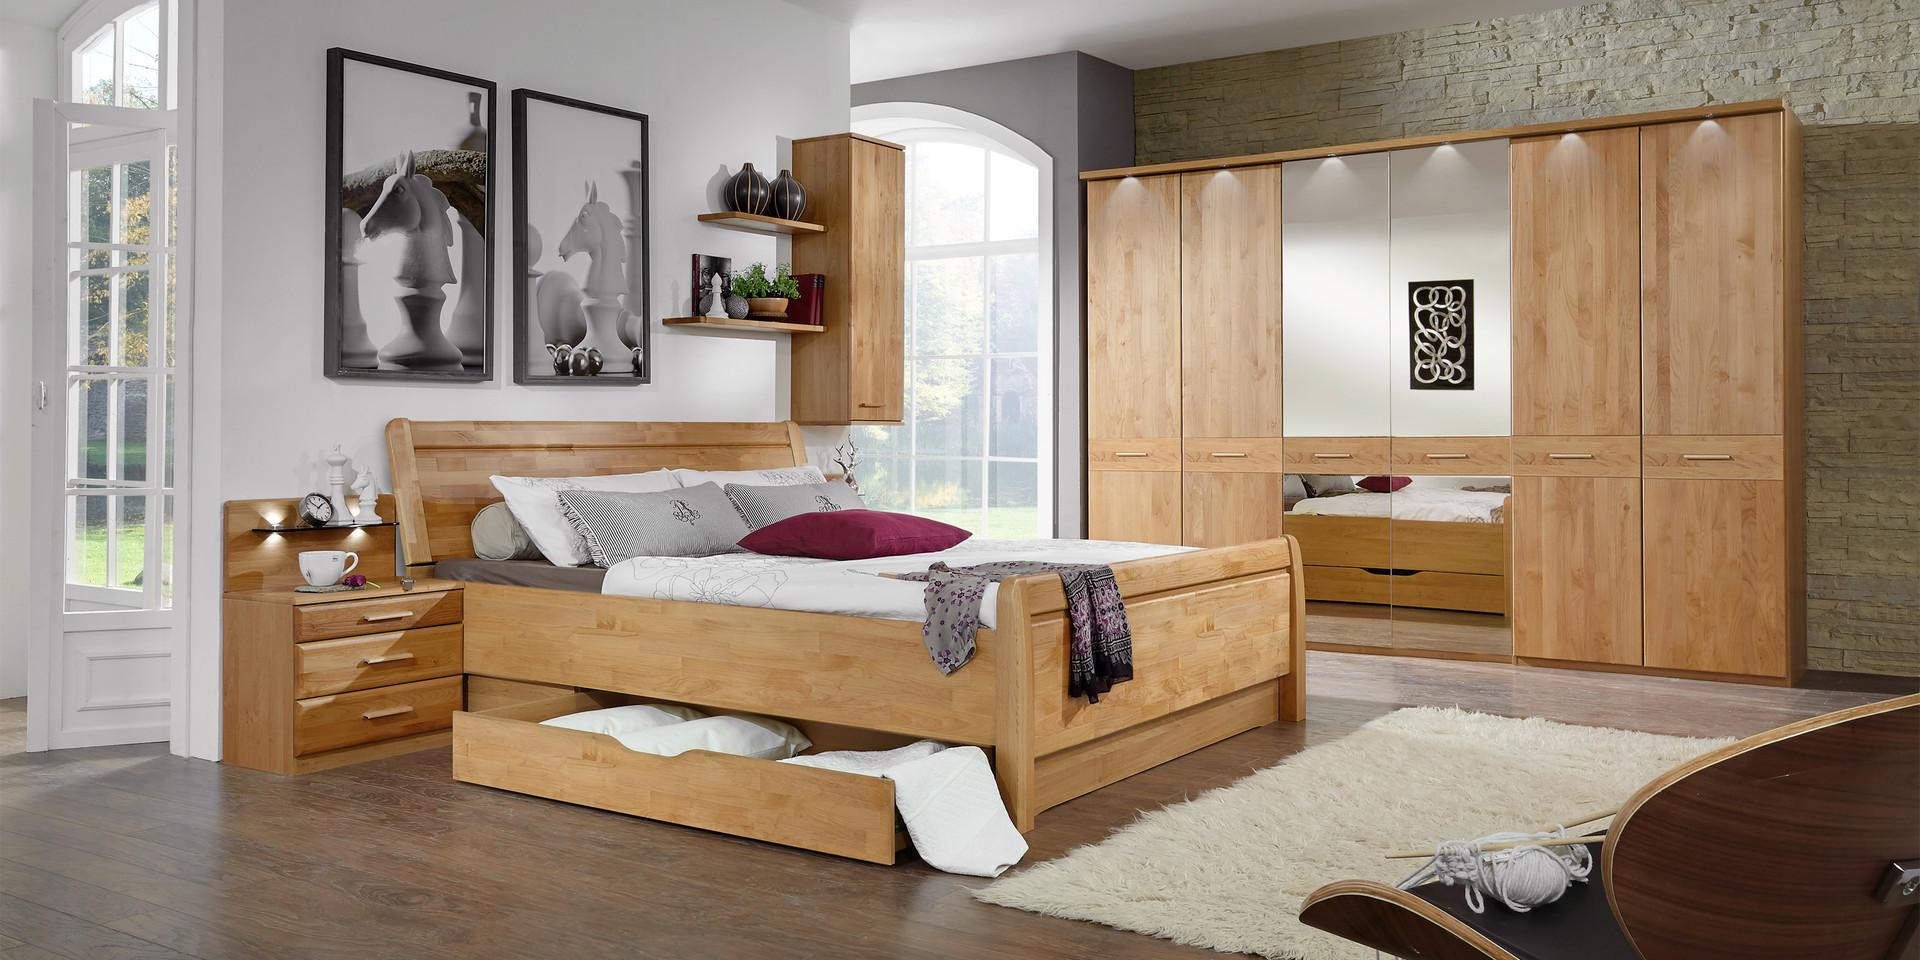 Schlafzimmer Schwebet renschrank - Home Design Ideas - http://www ...